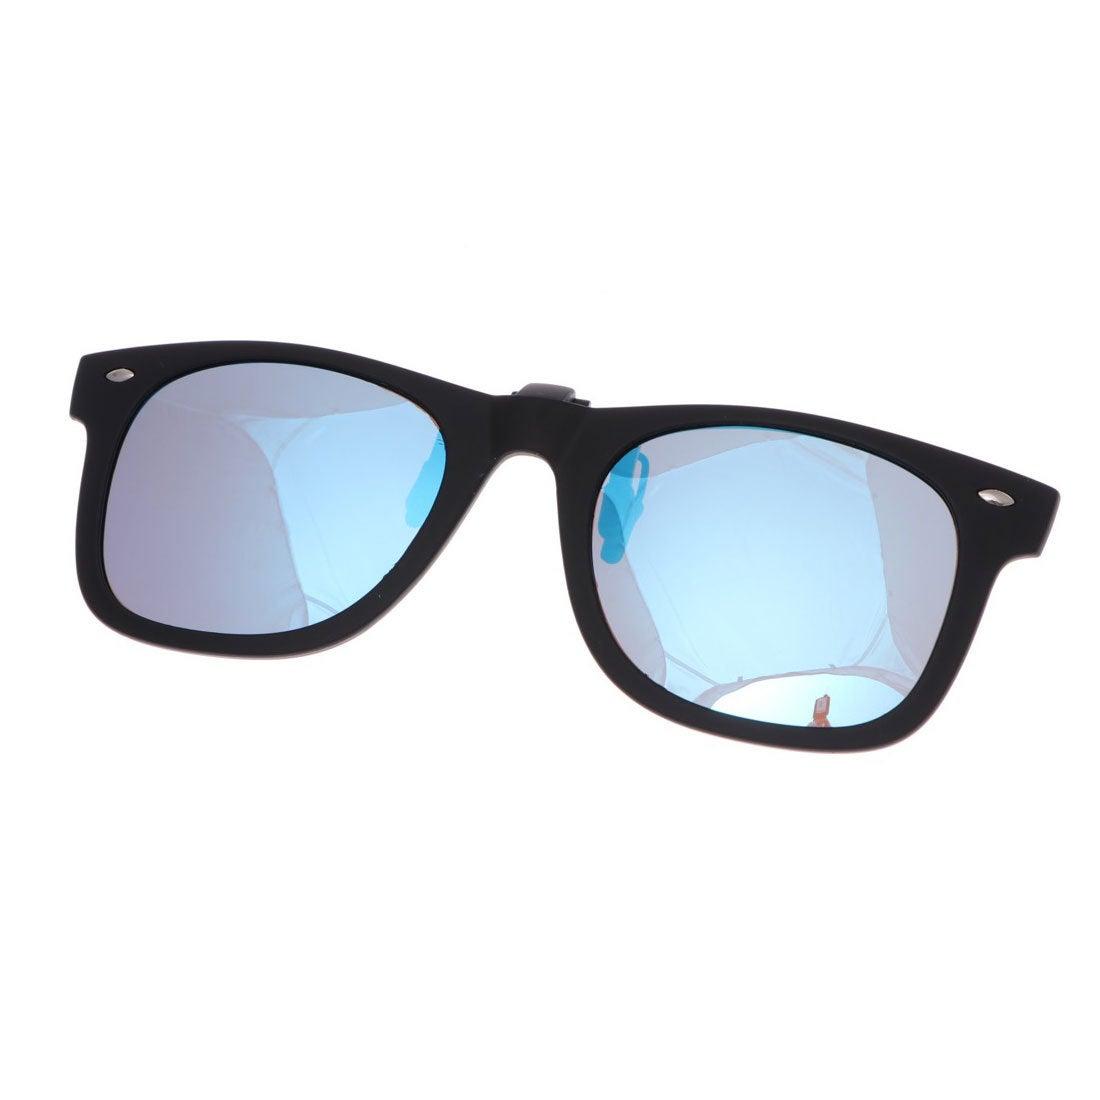 ロゴス LOGOS サングラス小物 前掛けサングラス LS80-3 LS81-3 レディース メンズ